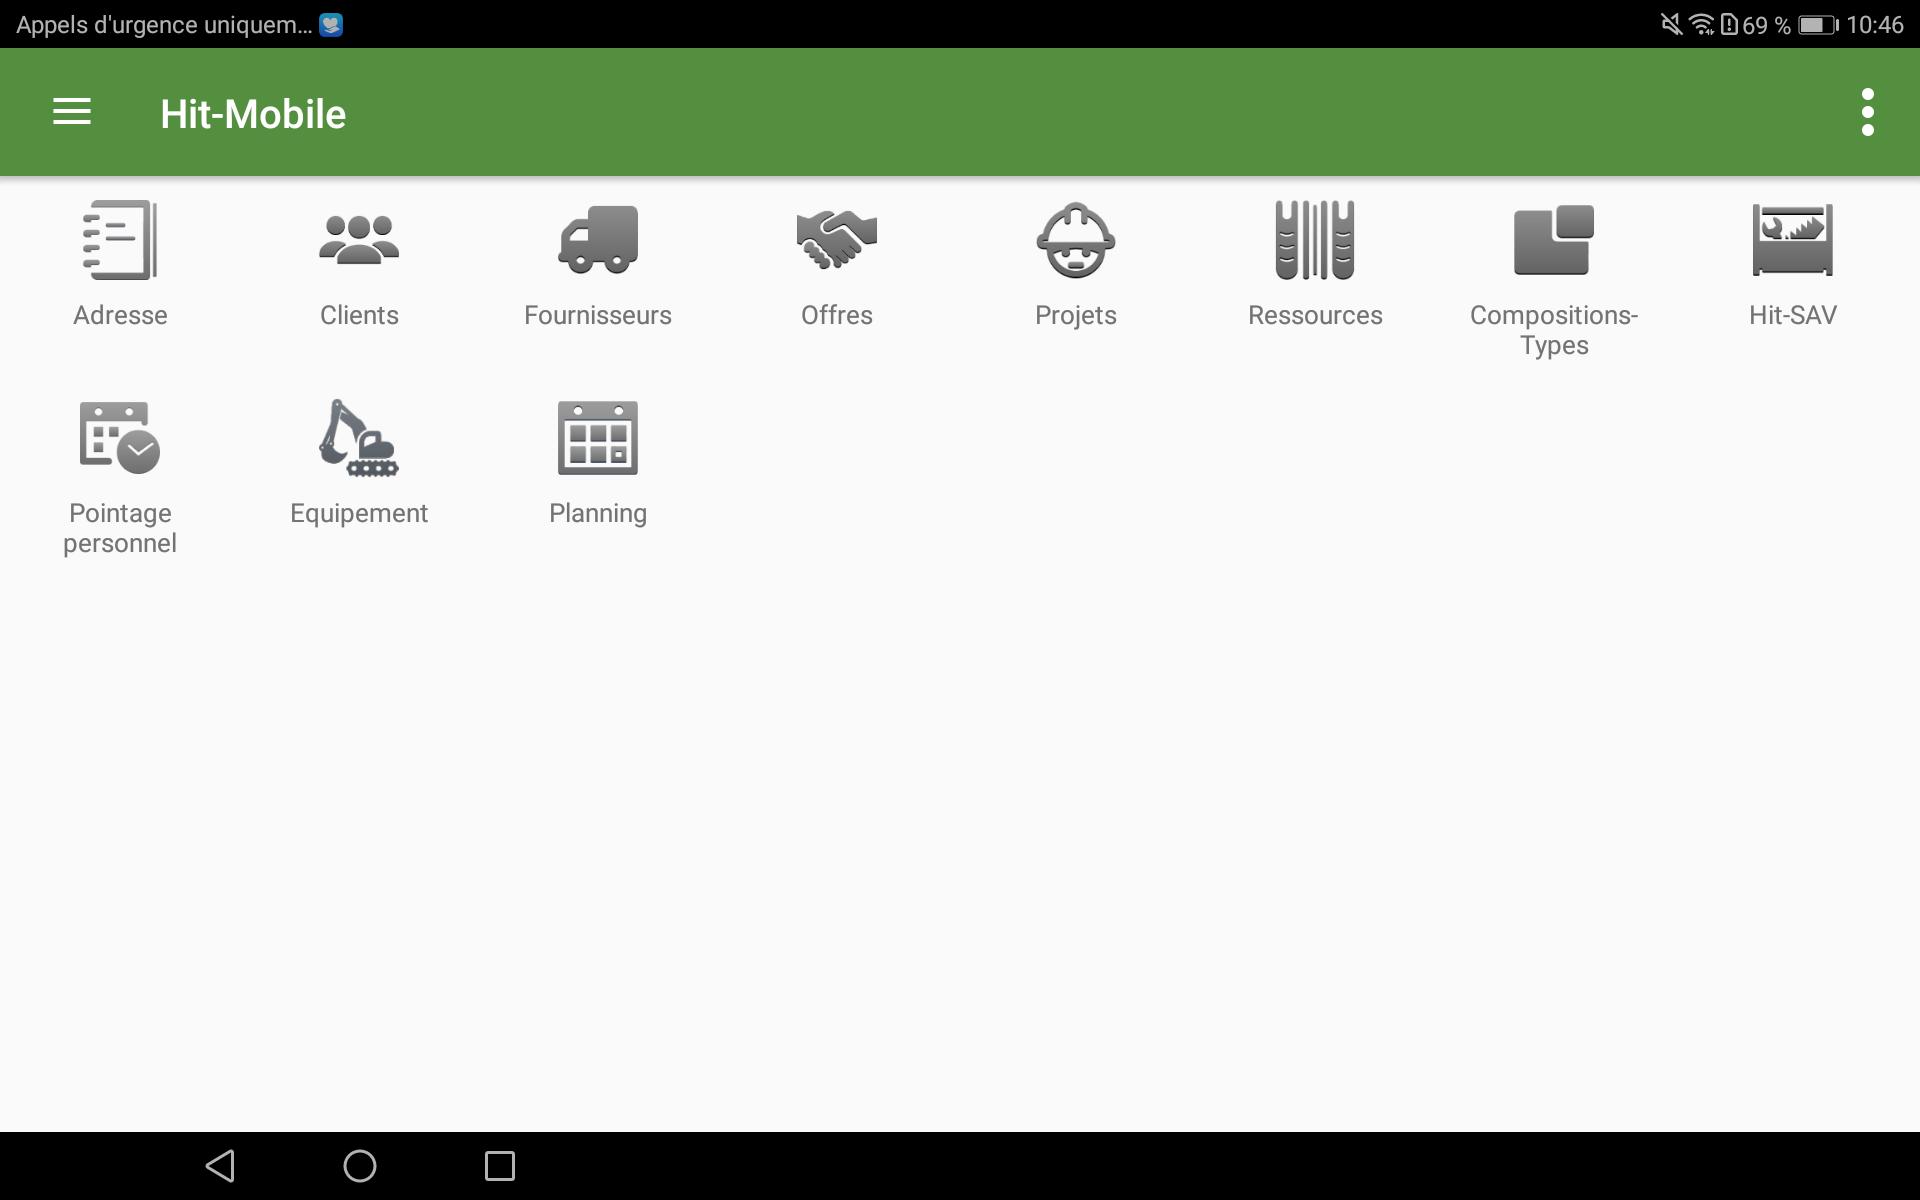 ERP-app Hit-Mobile